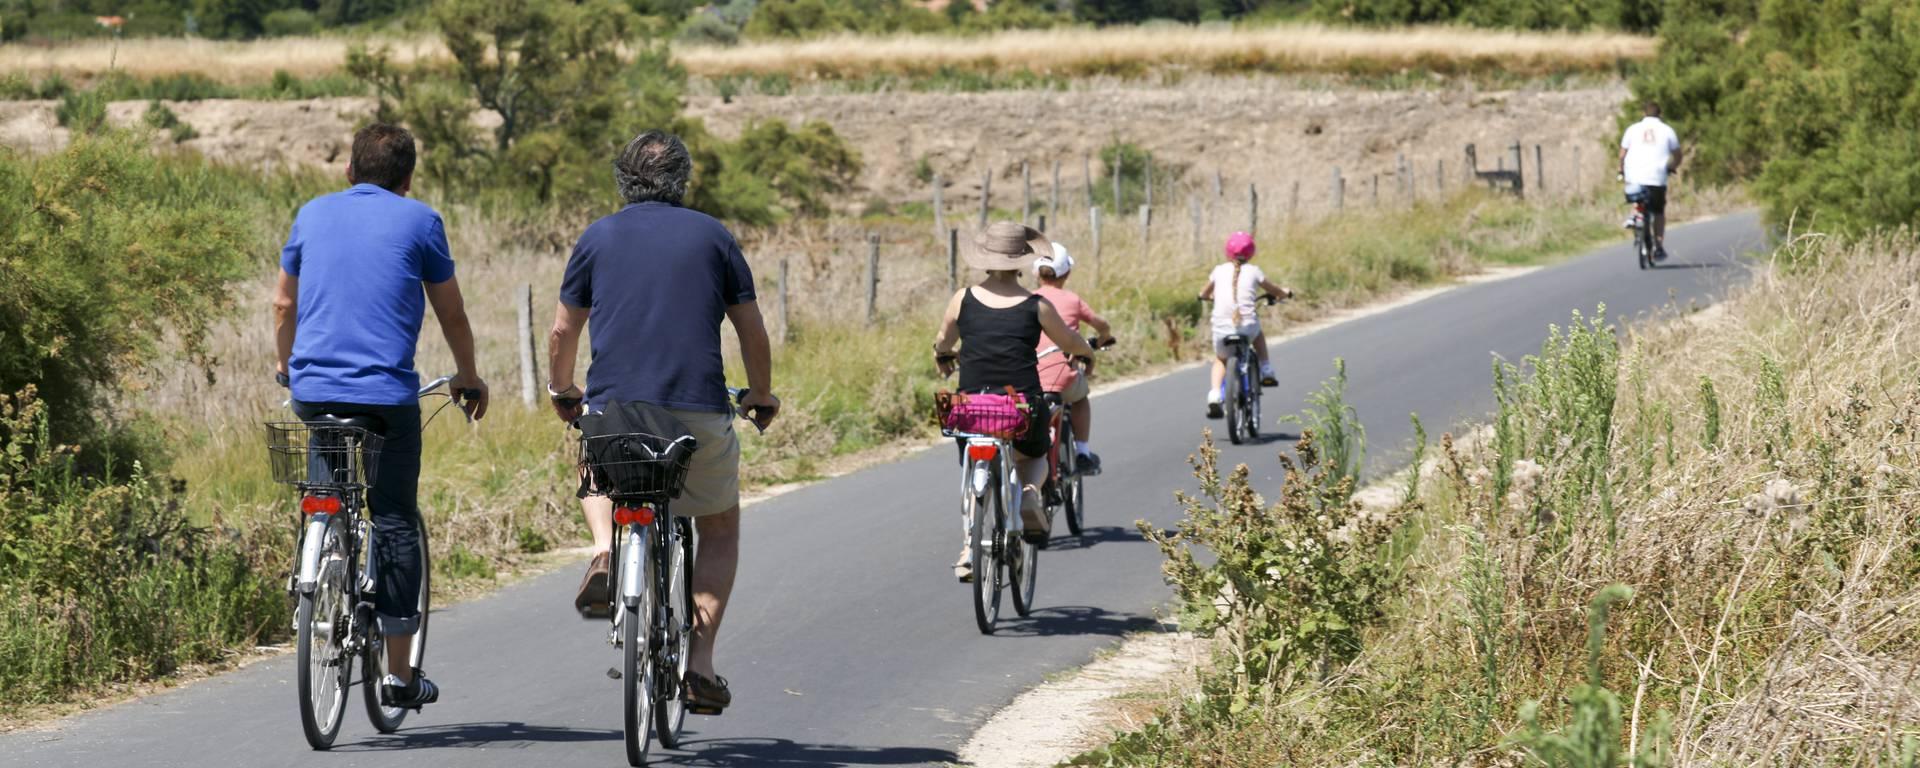 L'île de Ré à vélo par Yann Werdefroy